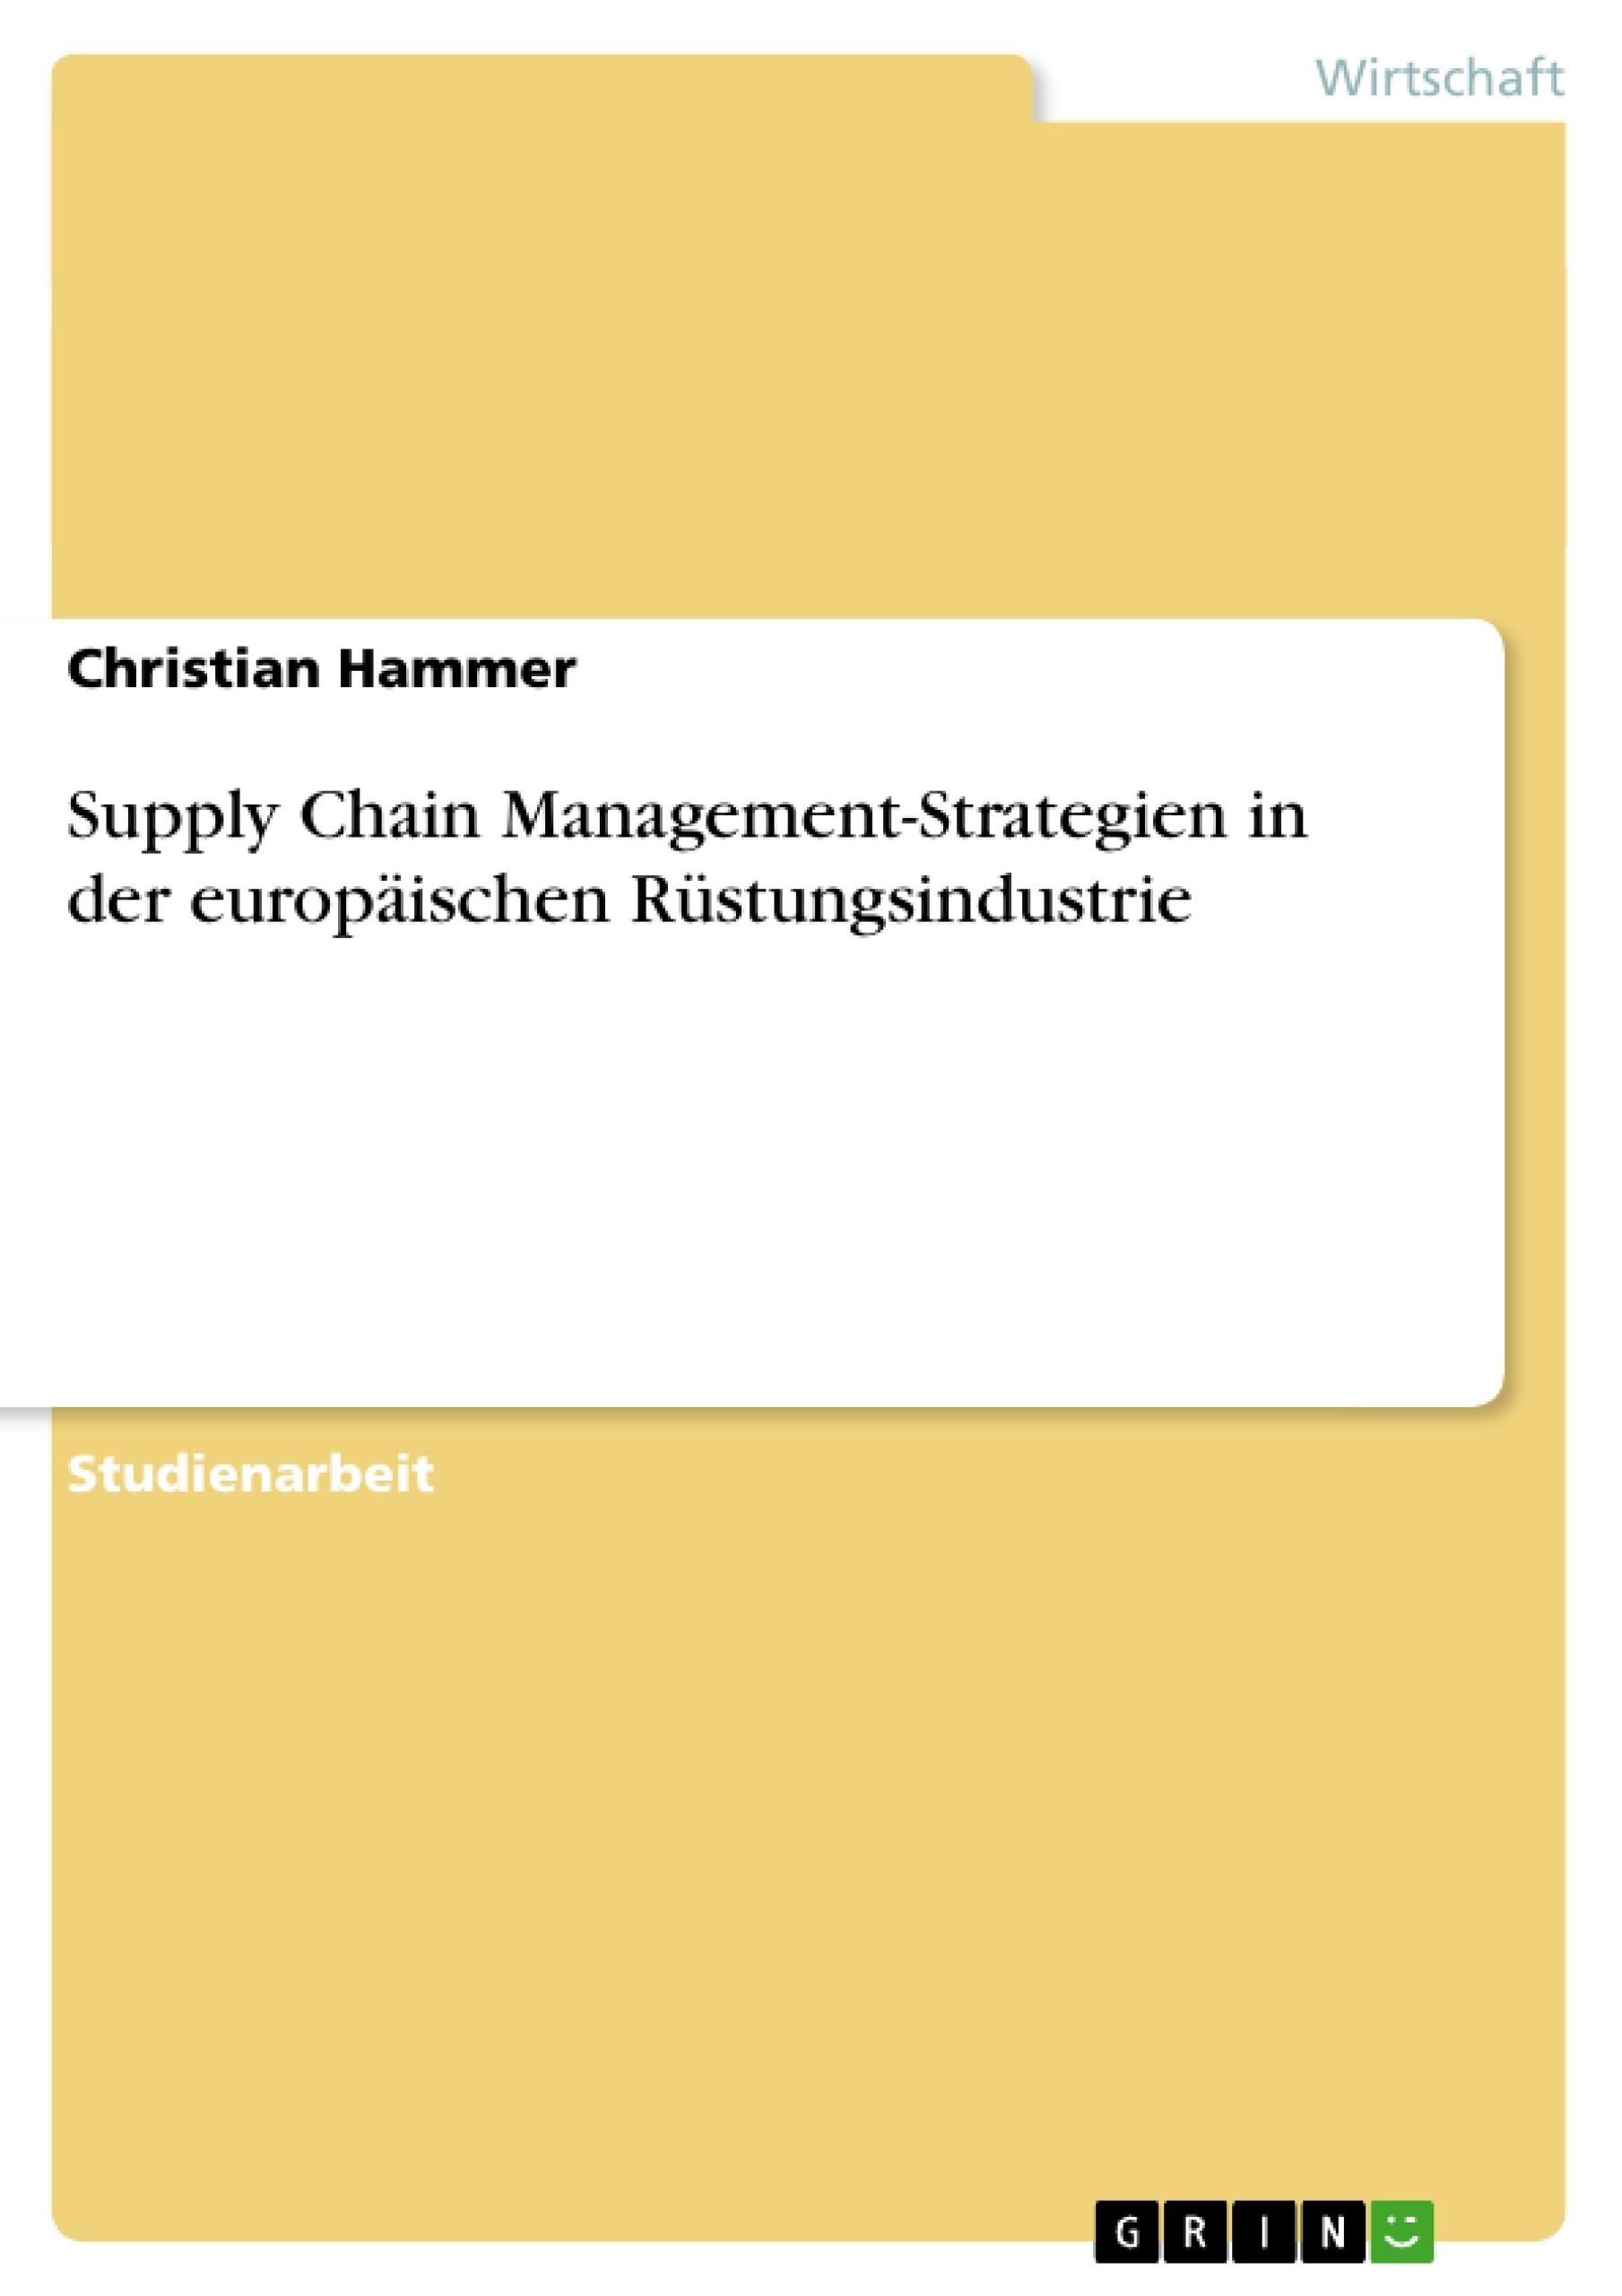 Titel: Supply Chain Management-Strategien in der europäischen Rüstungsindustrie